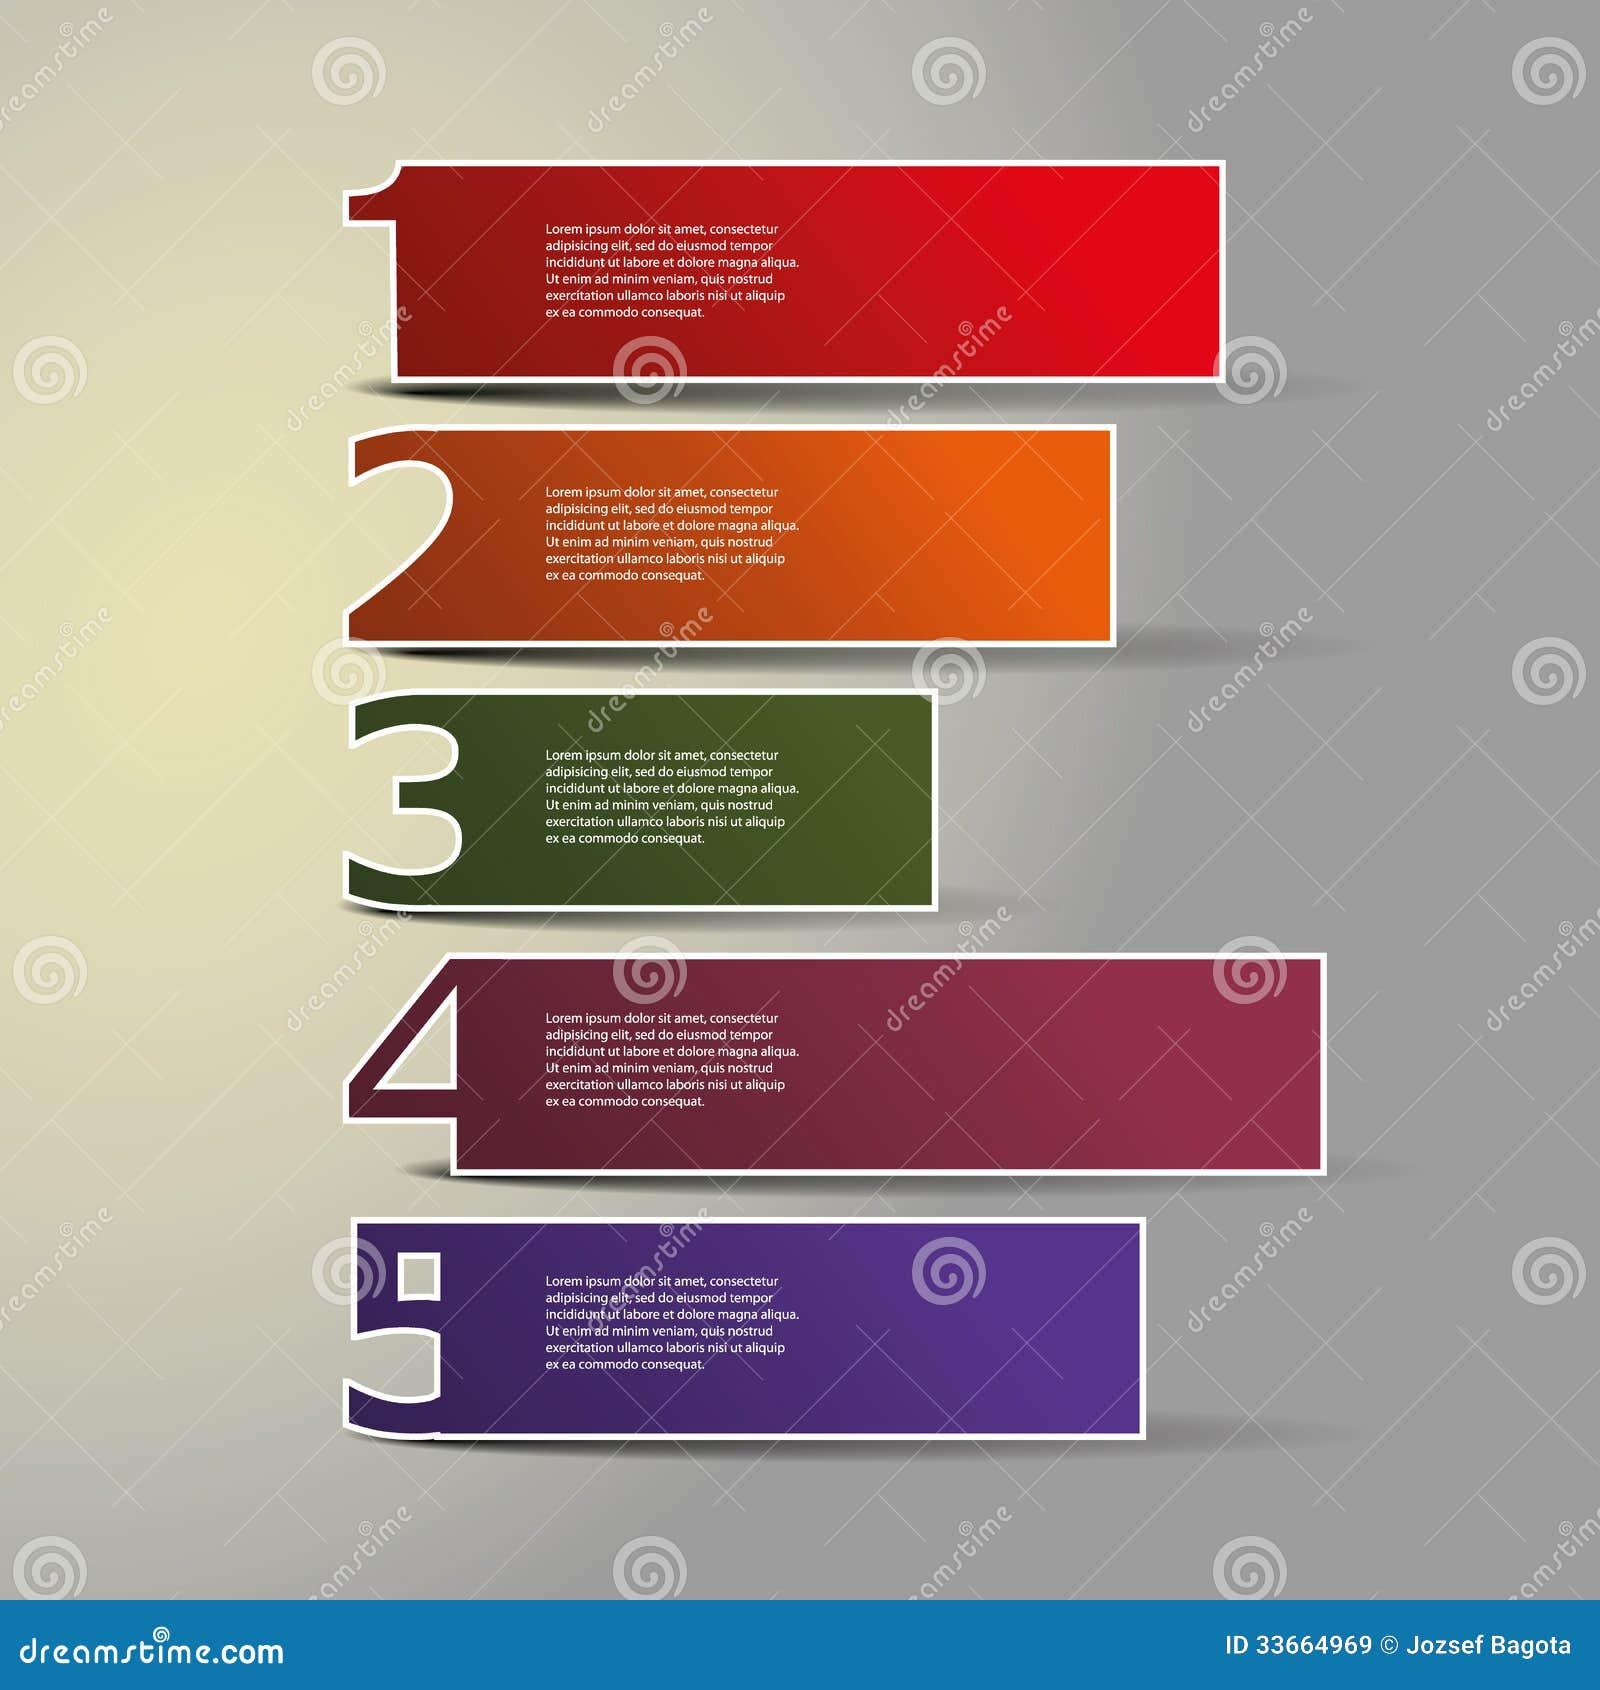 header or banner design